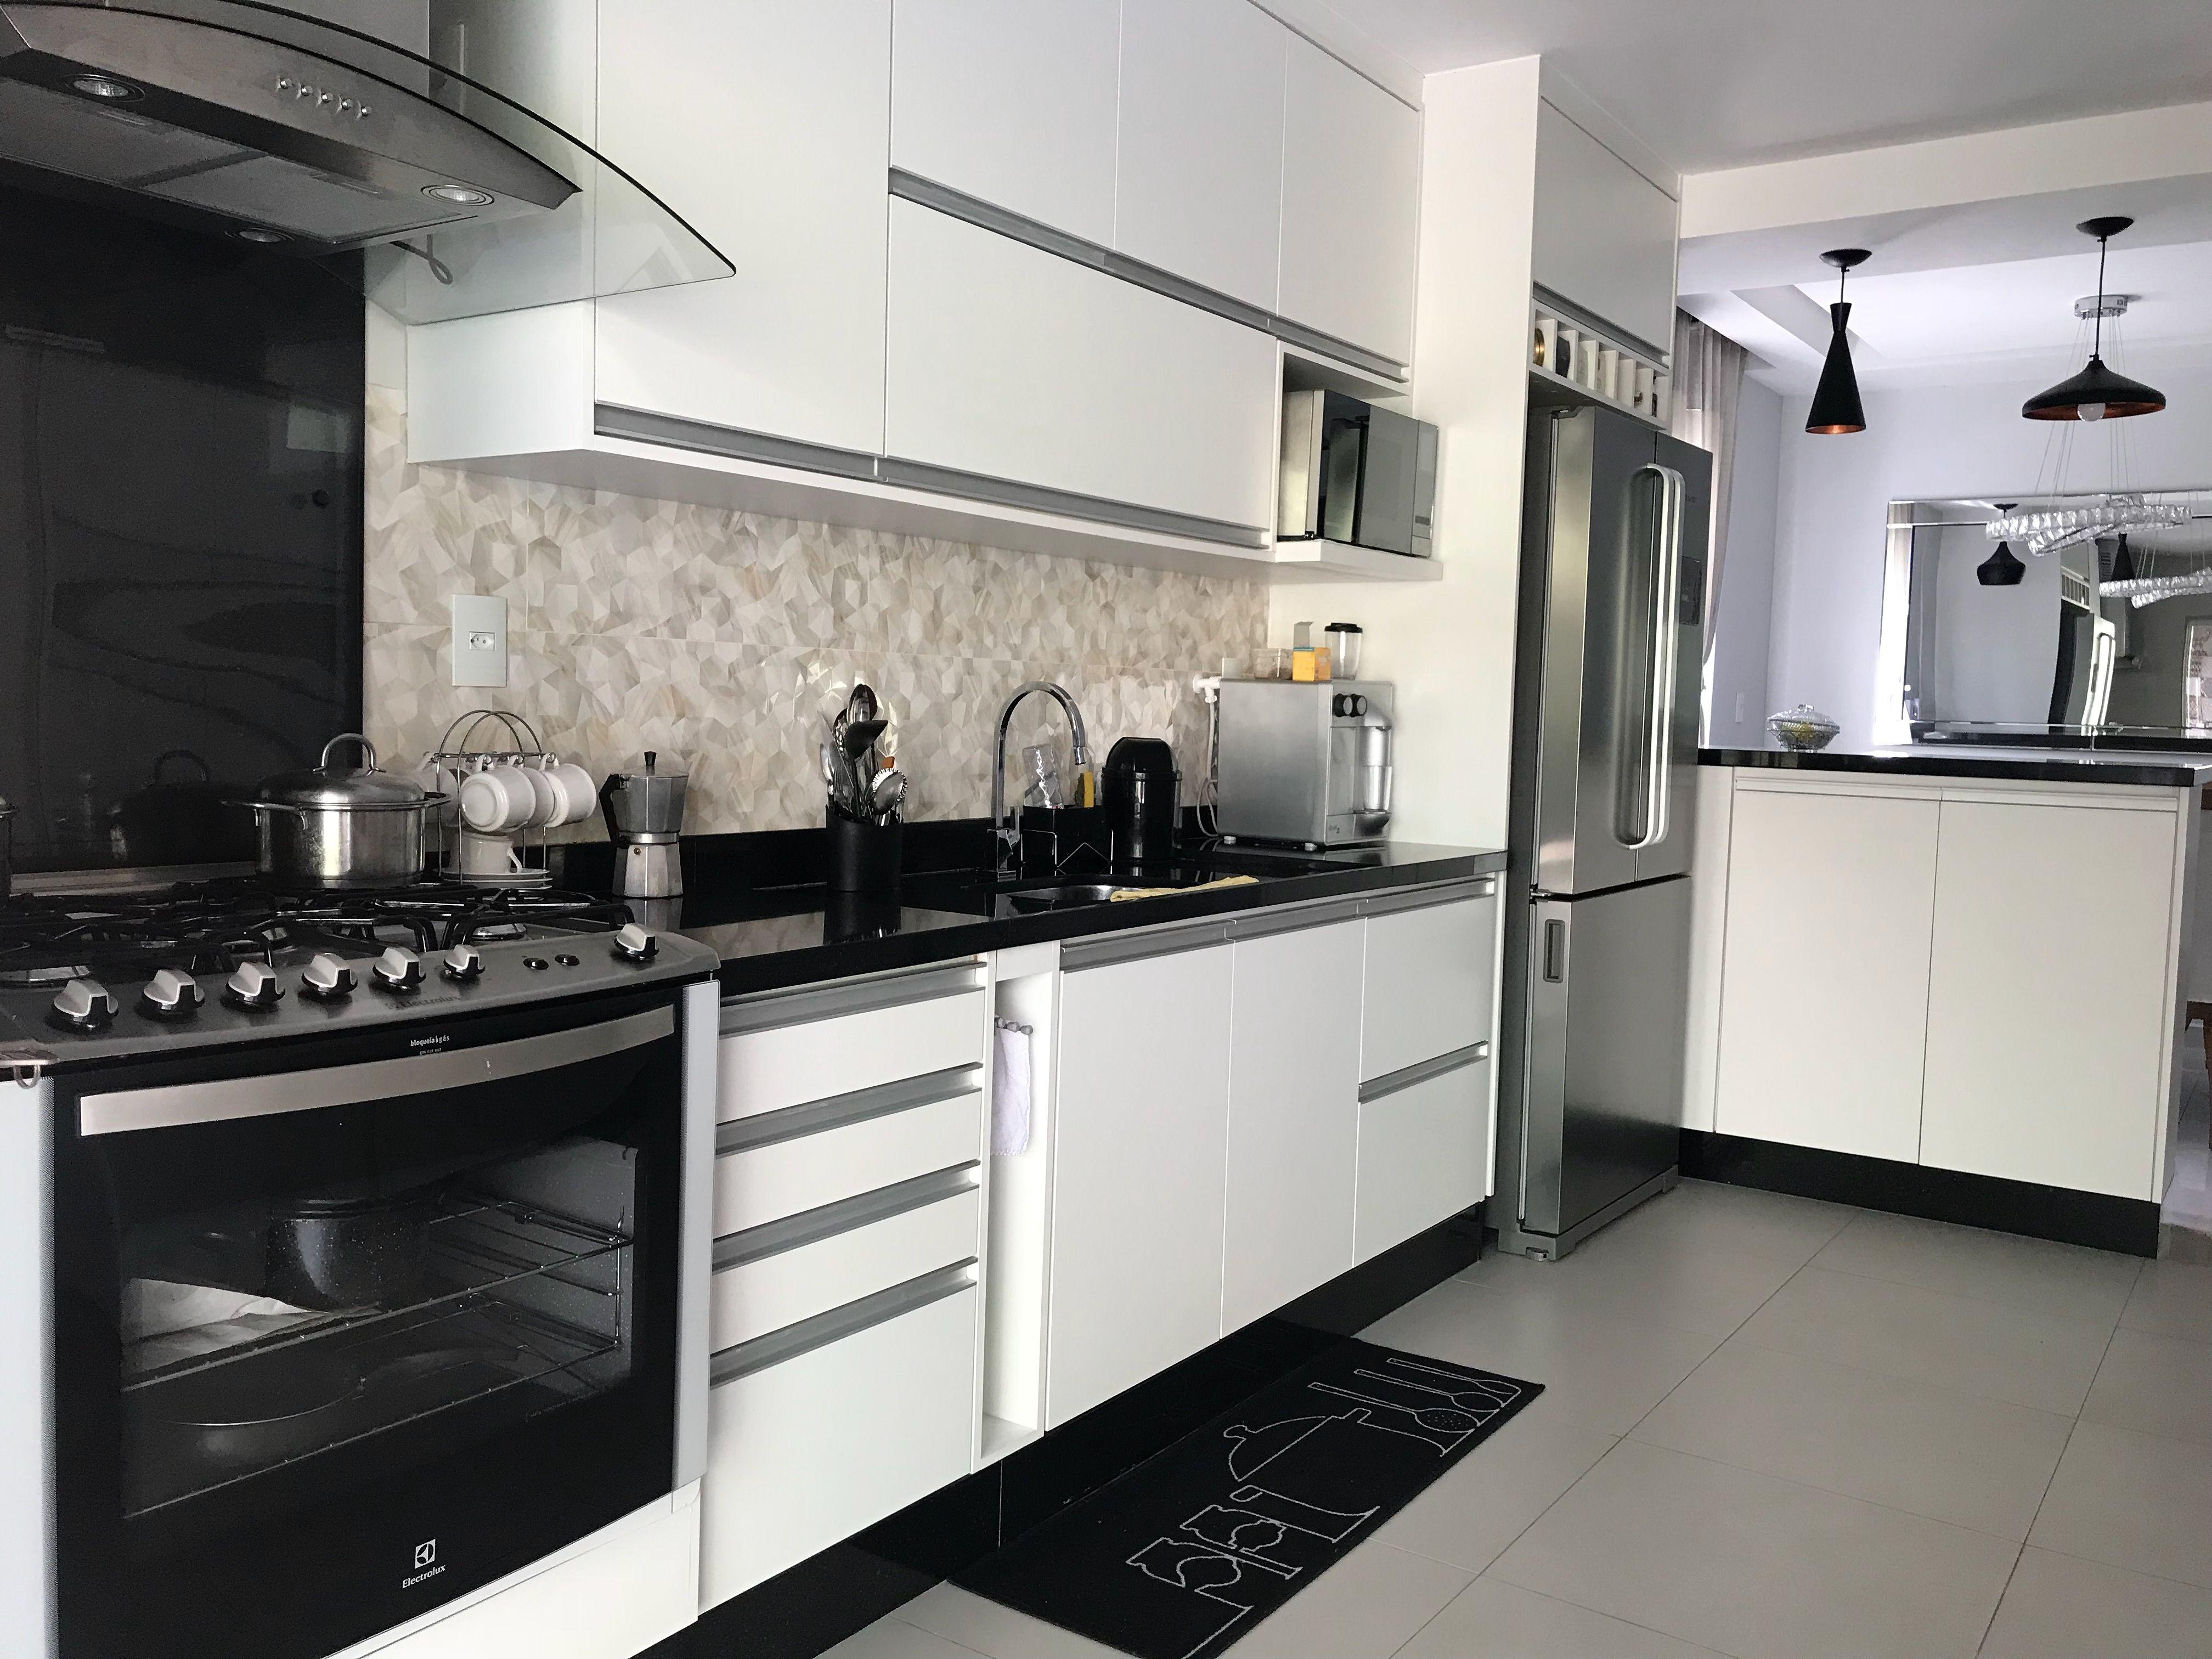 Pin De Adriananoliveira Gomes Em Cozinha Cozinha Preta E Branca